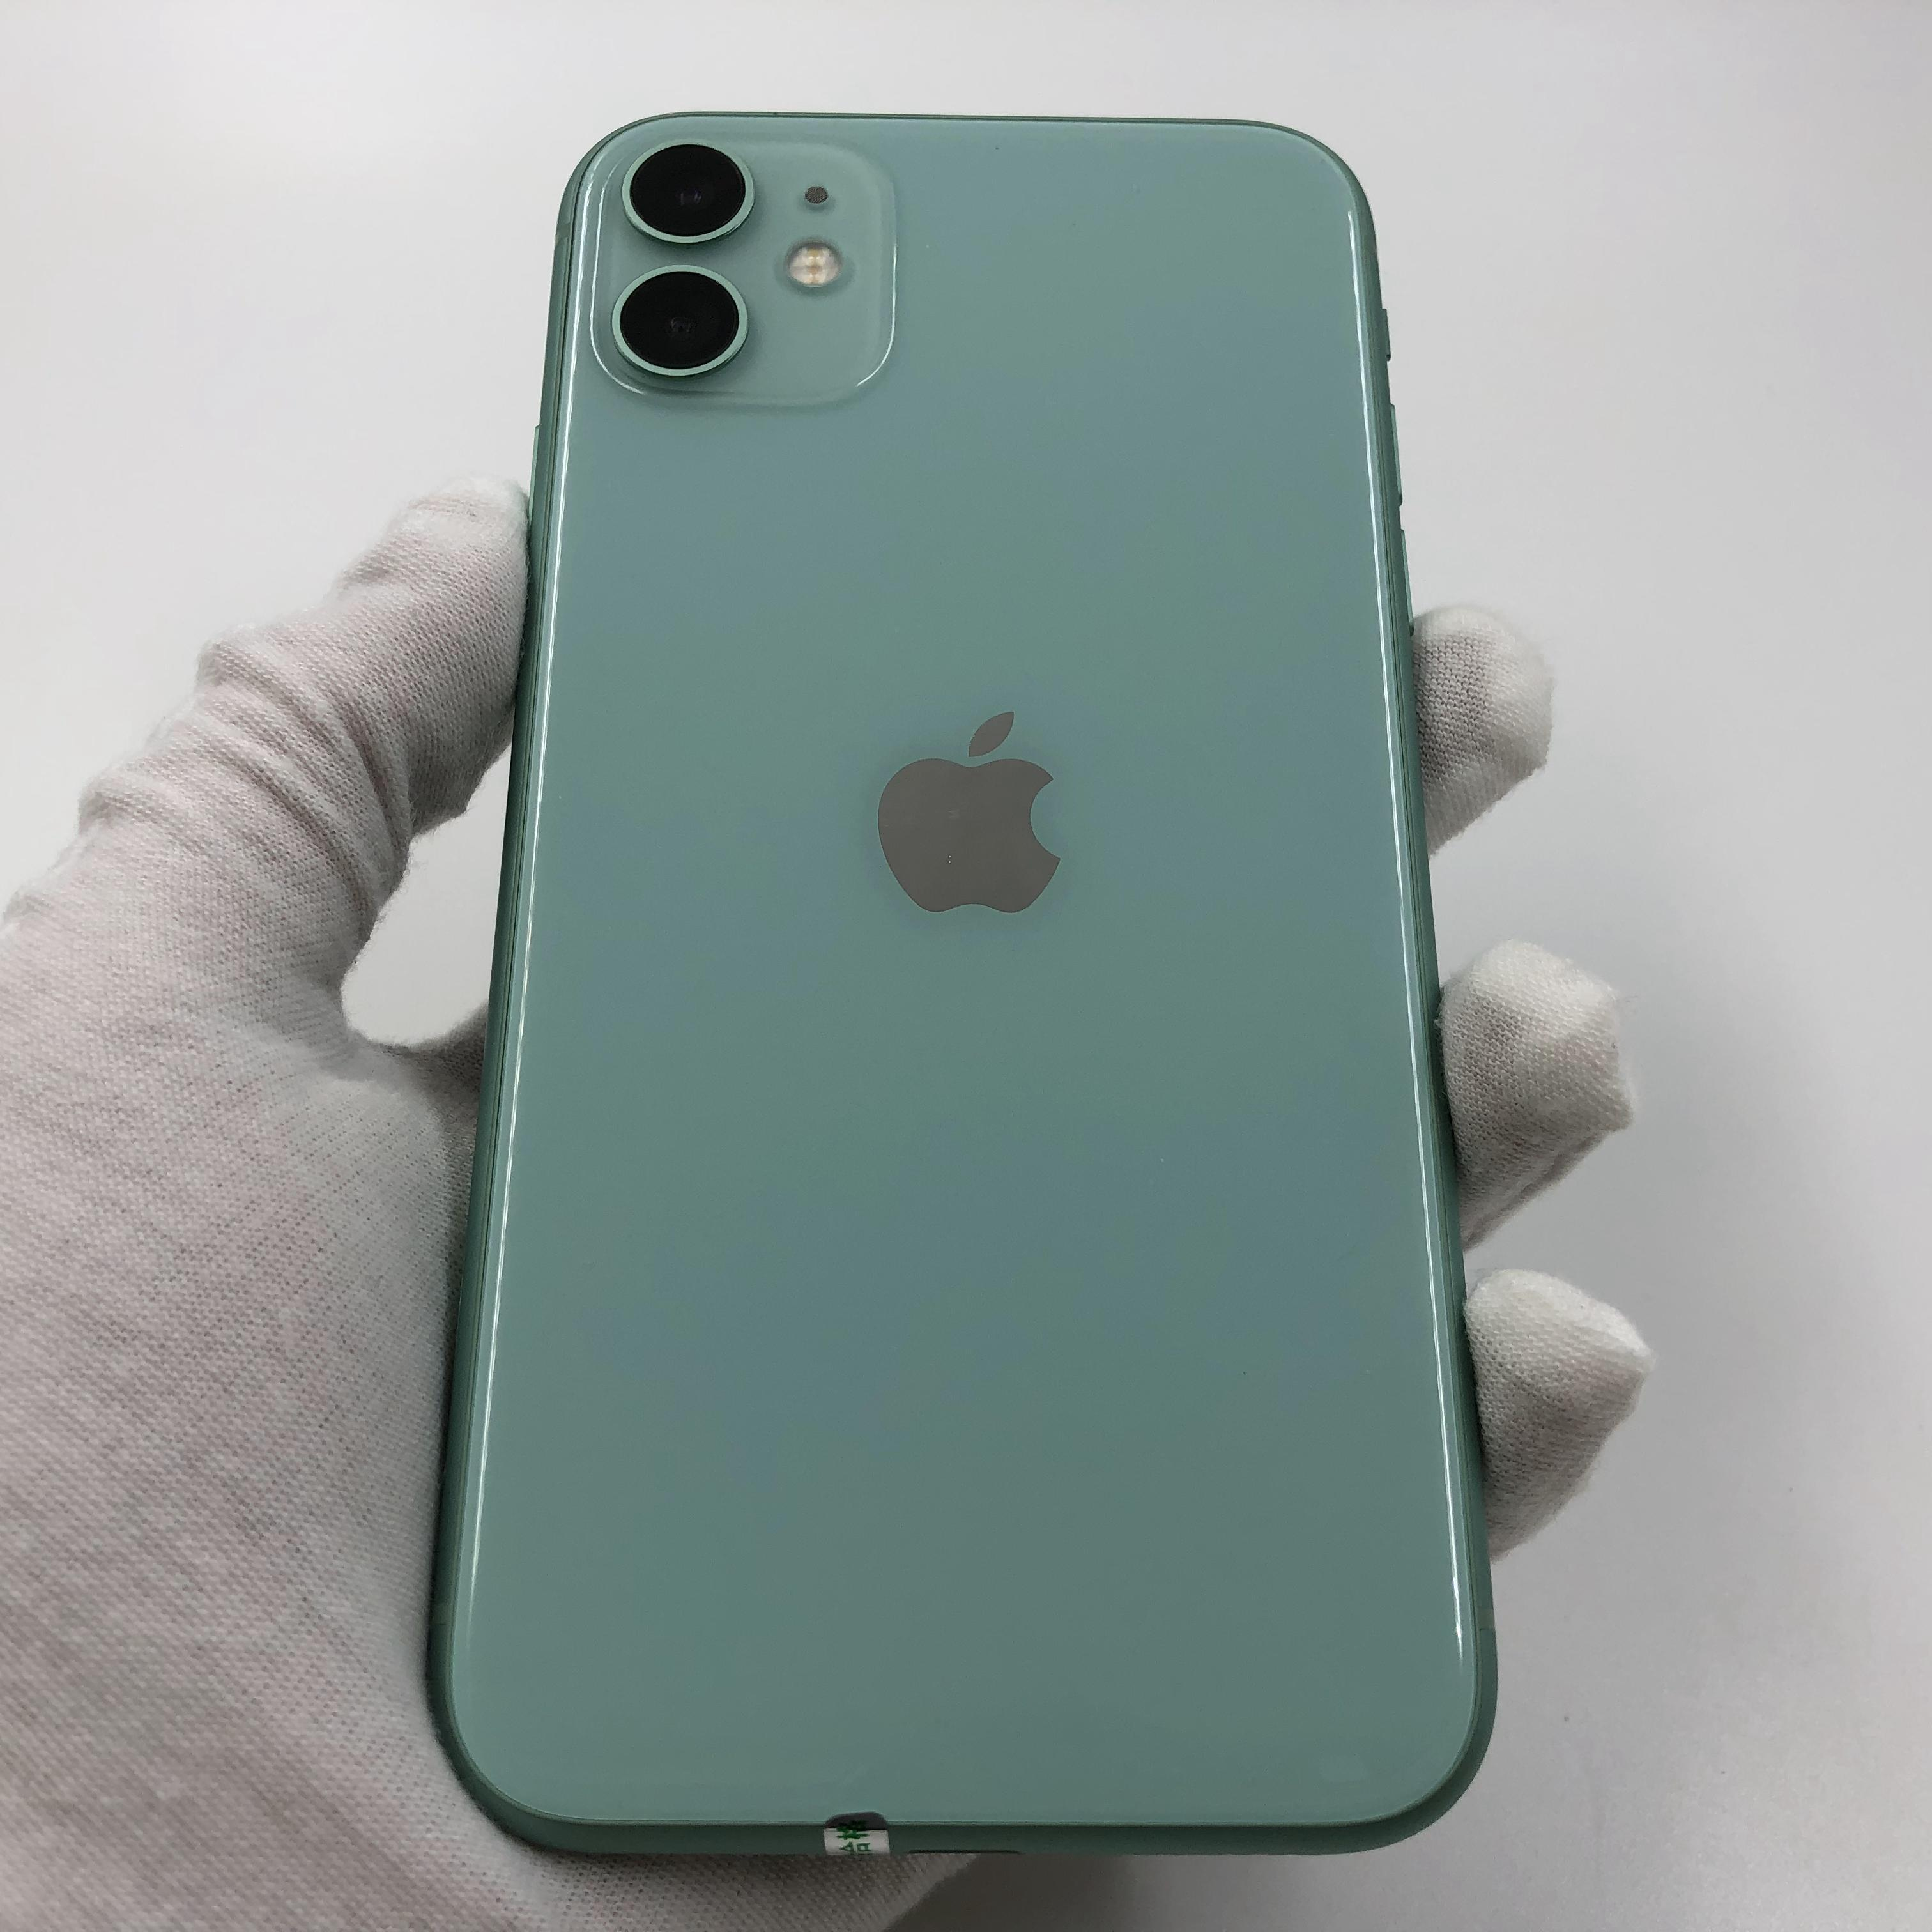 苹果【iPhone 11】4G全网通 绿色 64G 国行 95新 真机实拍官保2021-11-25